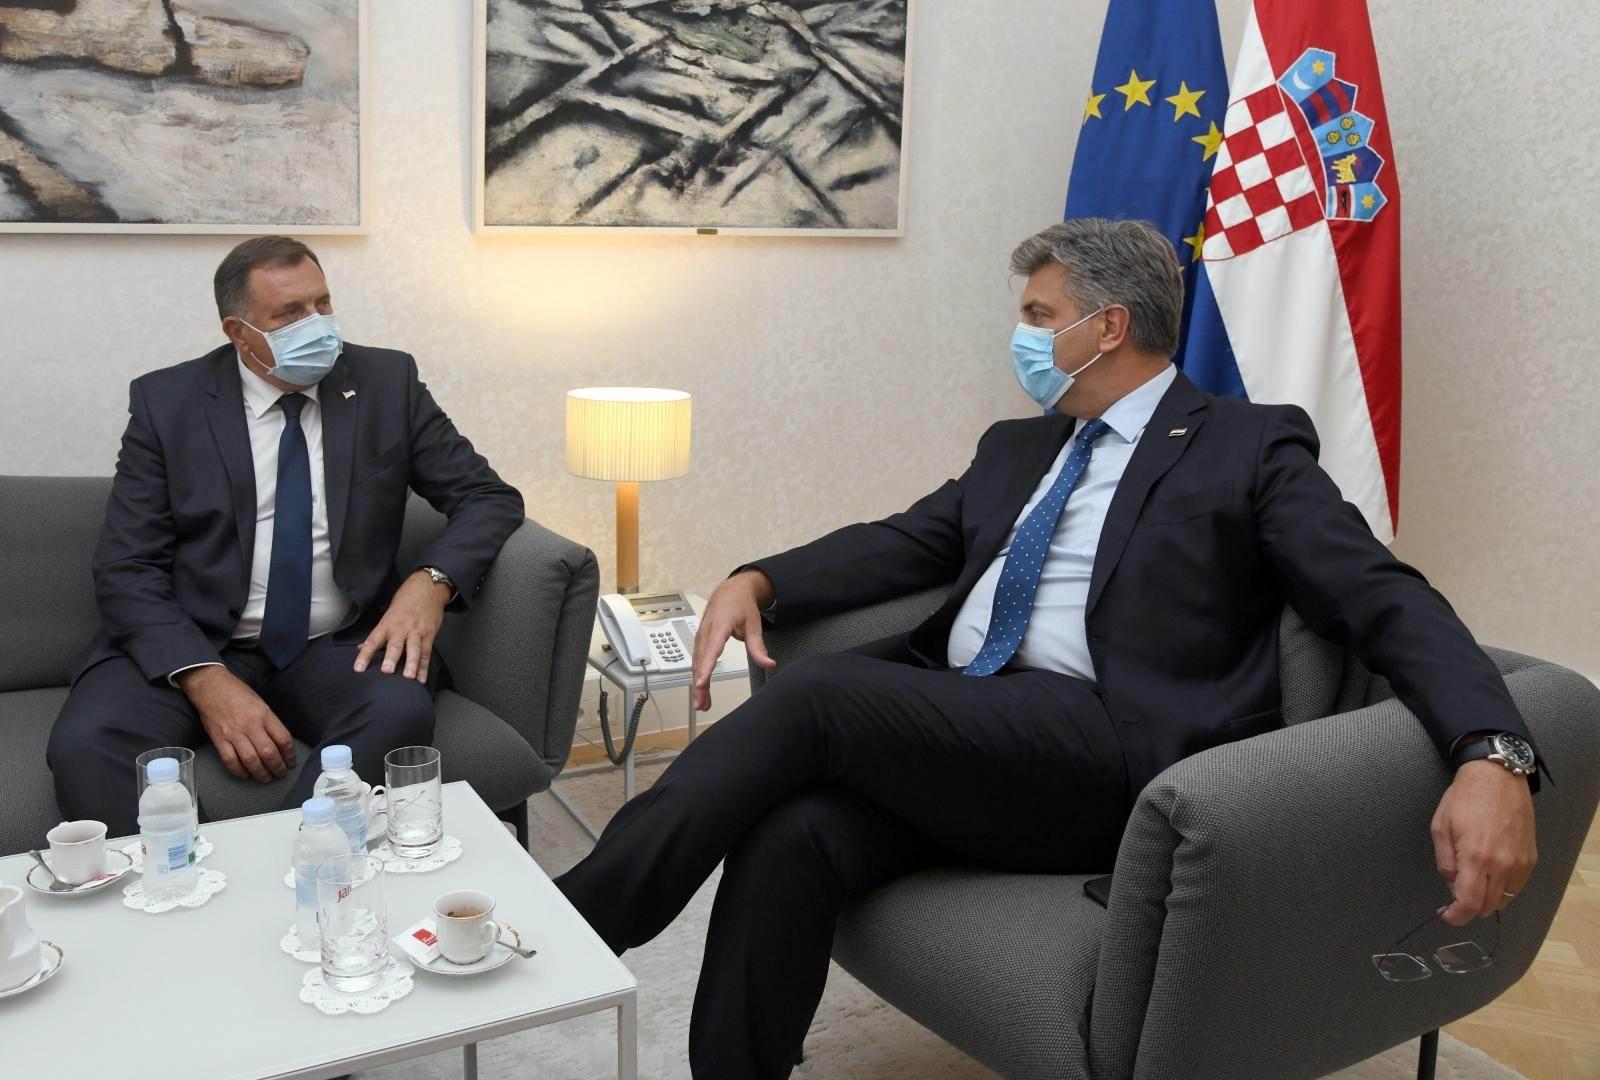 DRŽAVNI VRH HRVATSKE PRIMIO DODIKA! Milanović: 'Hrvatska neće dozvoliti jednostranu reviziju Dejtonskog sporazuma'; Plenković: 'Razgovarali o putnoj infrastrukturi'